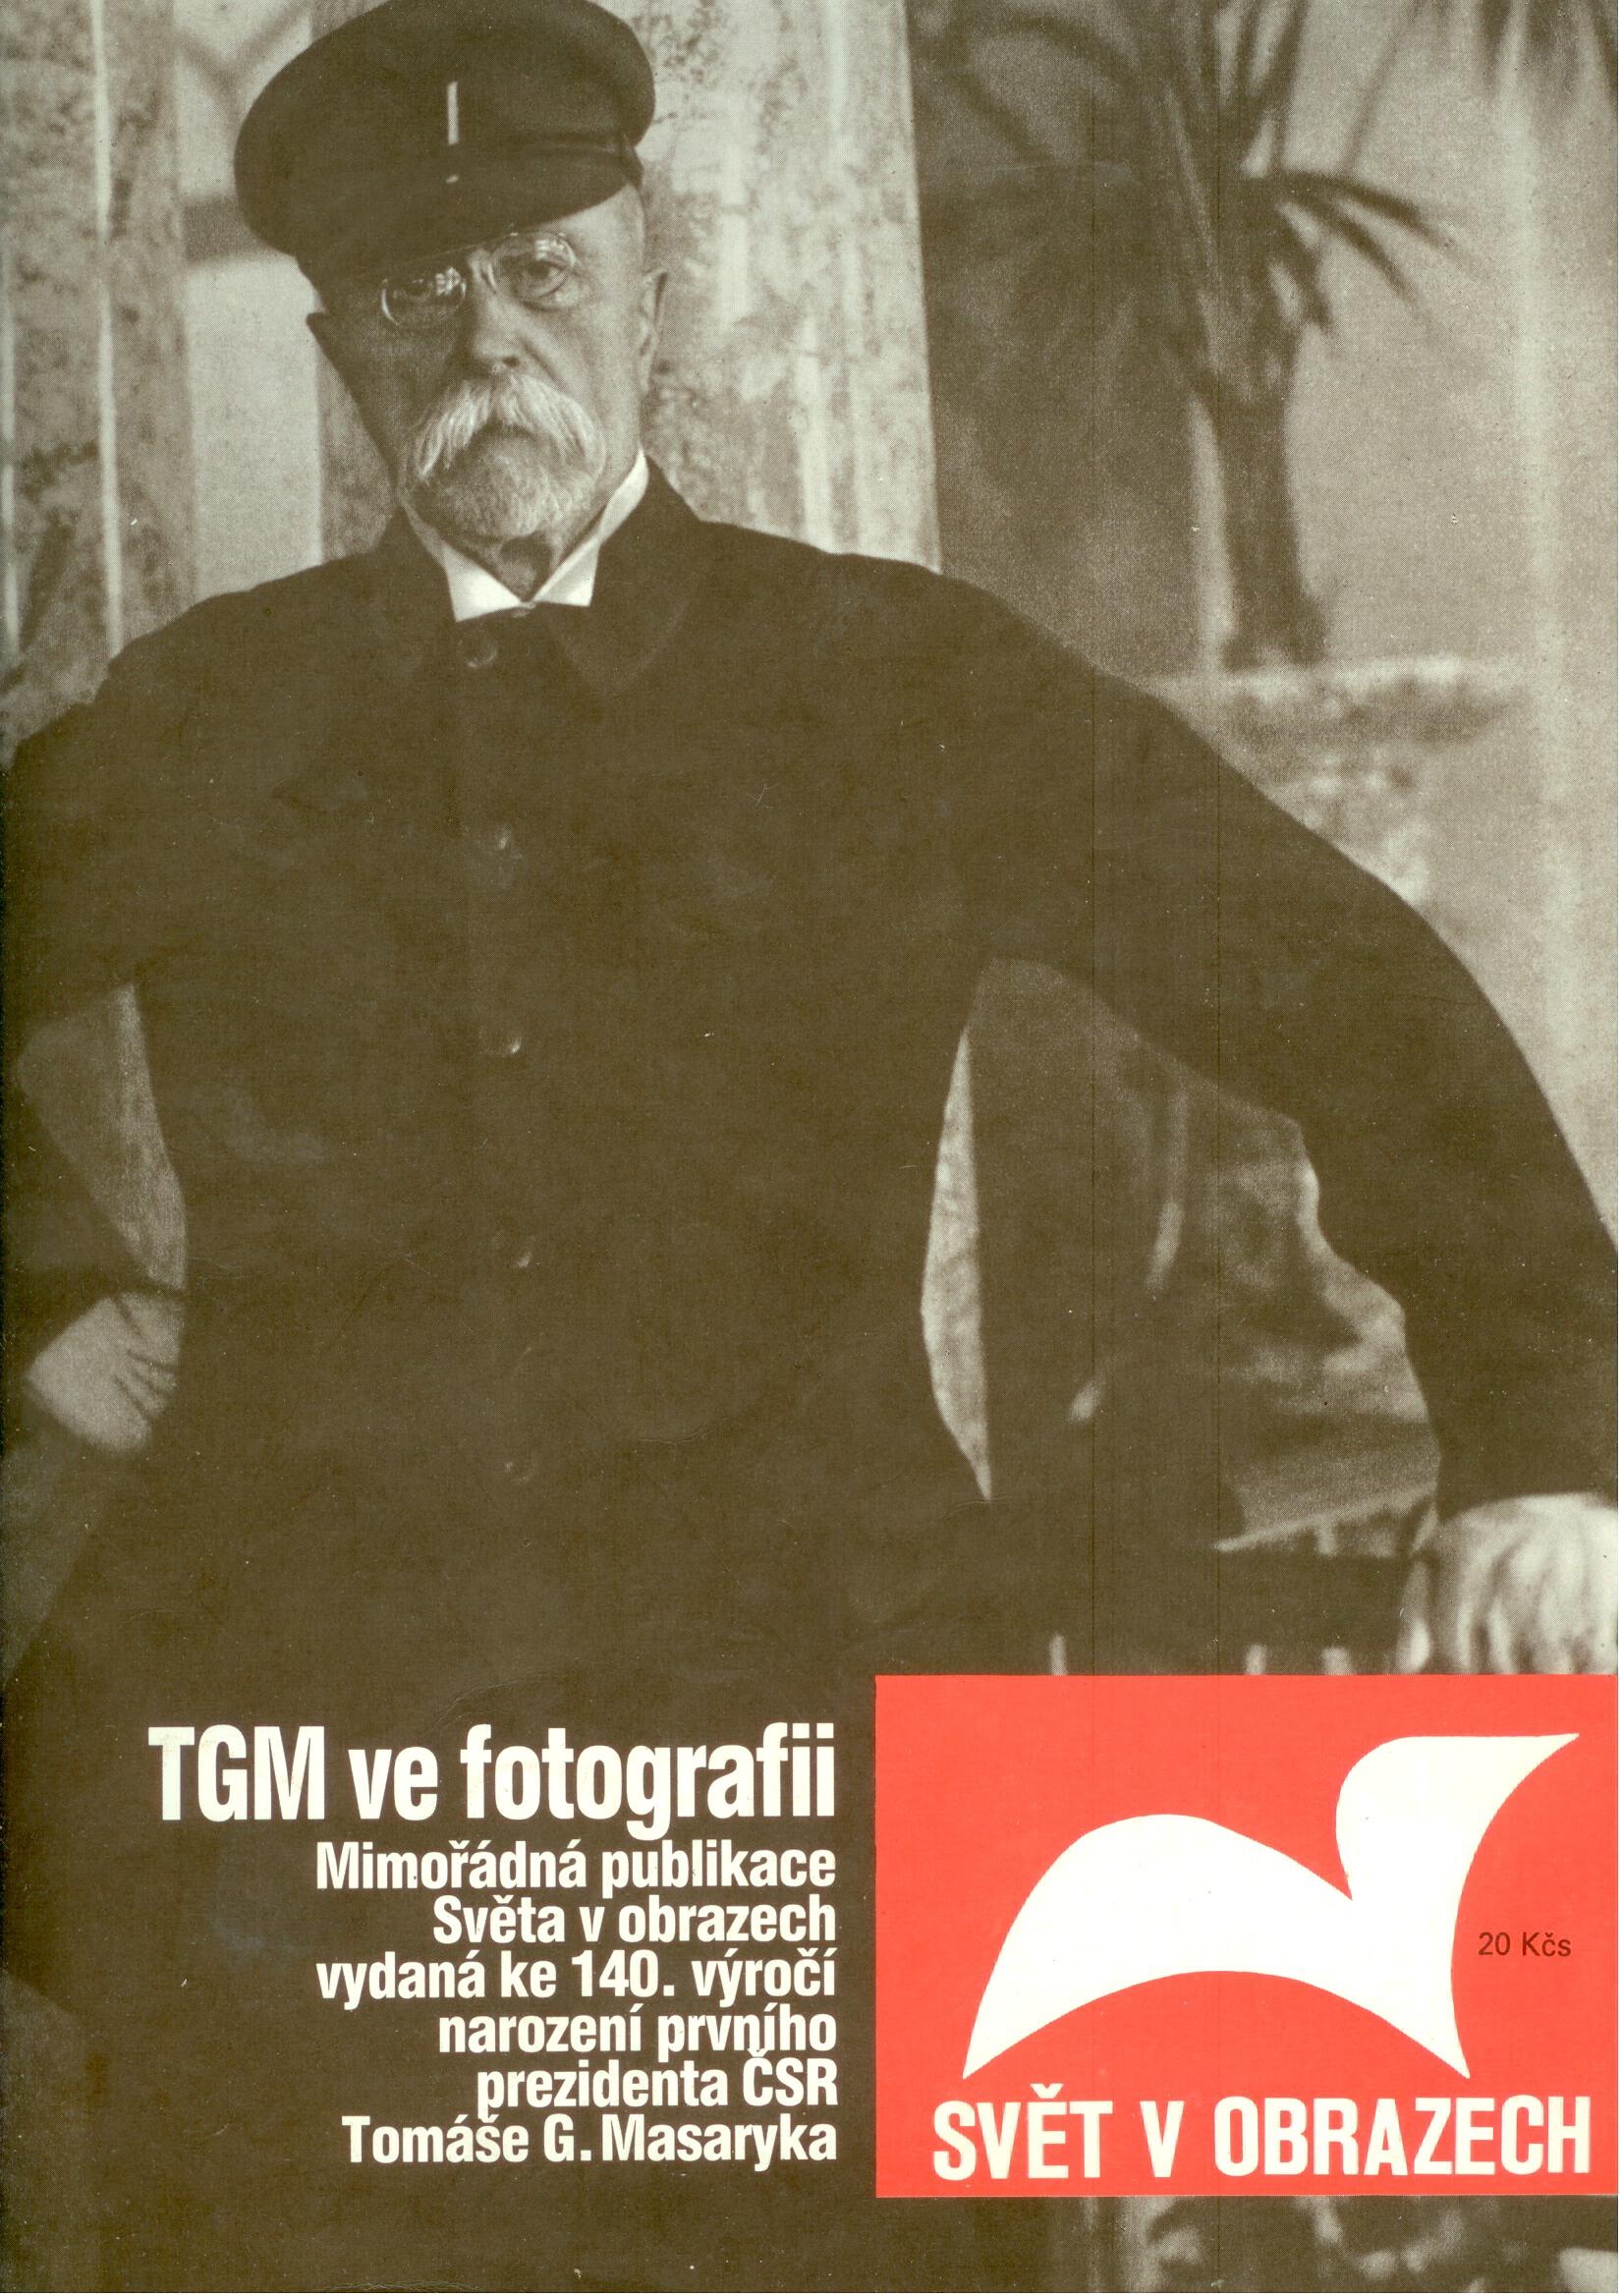 Svět v obrazech - TGM ve fotografii